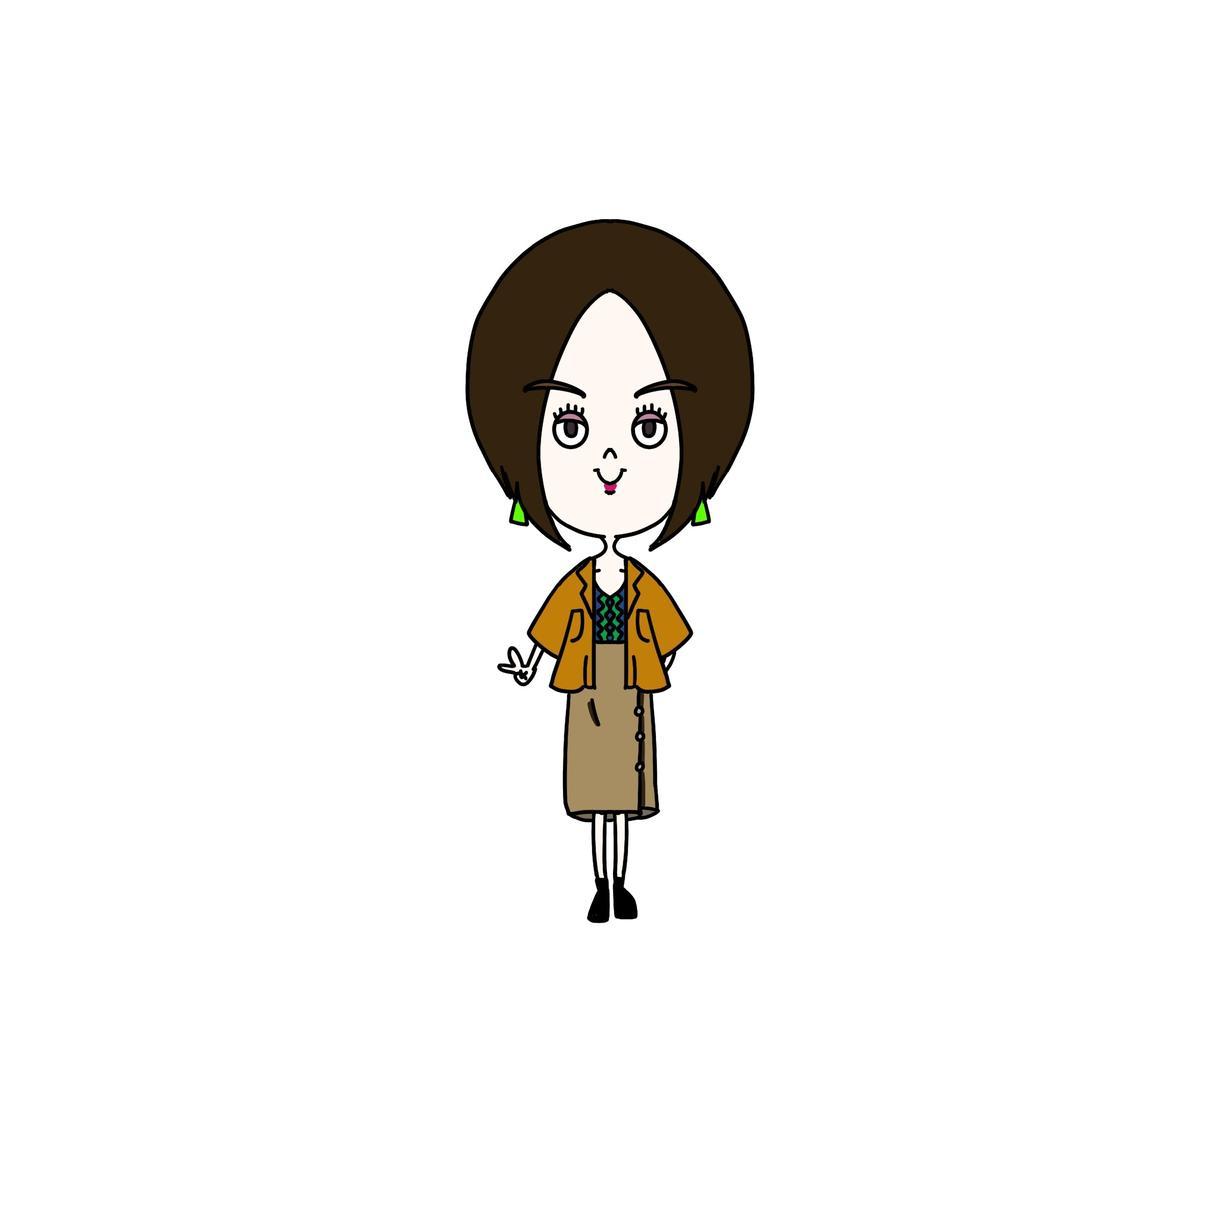 個性派のあなたに専用アイコンを描きます 似顔絵、アイコン、キャラクター化、イラスト、デザイン